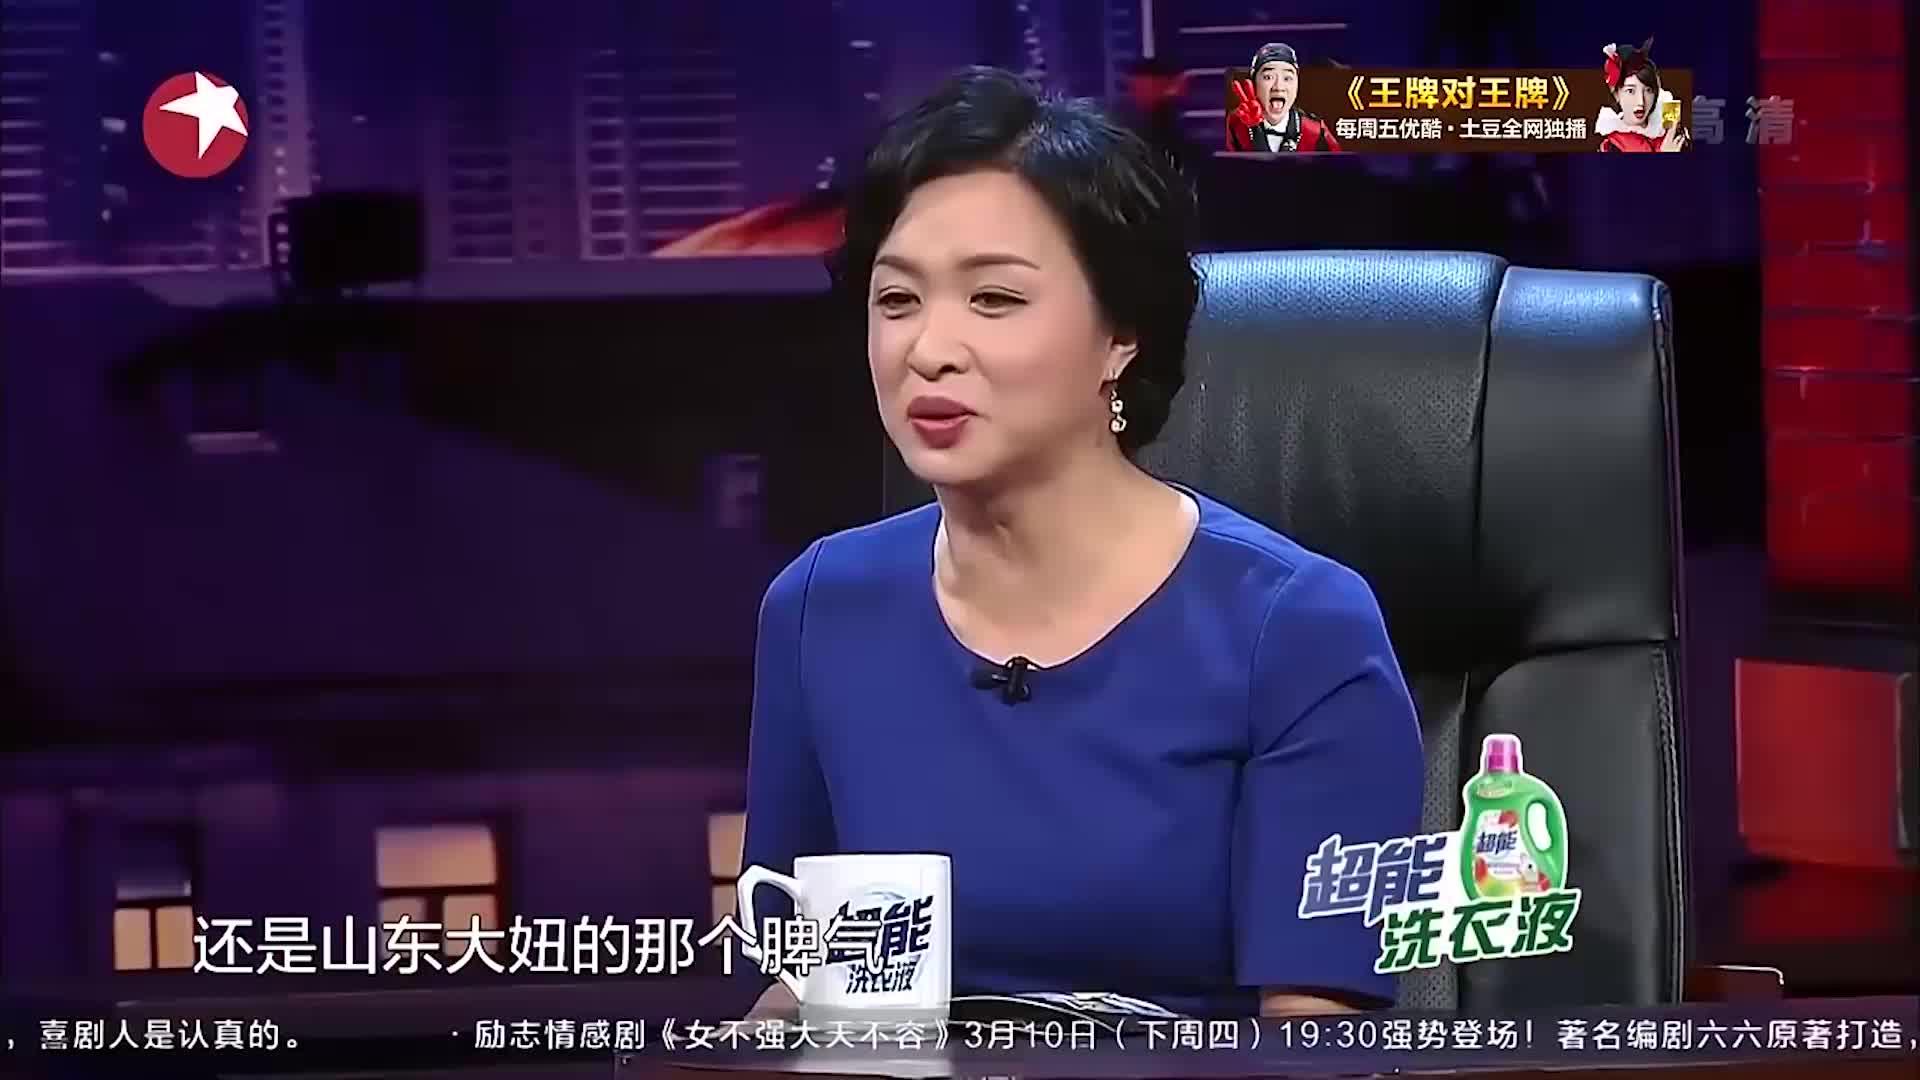 金星秀:刘敏涛真是人生赢家,小鲜肉都是她弟弟,国民大姐!